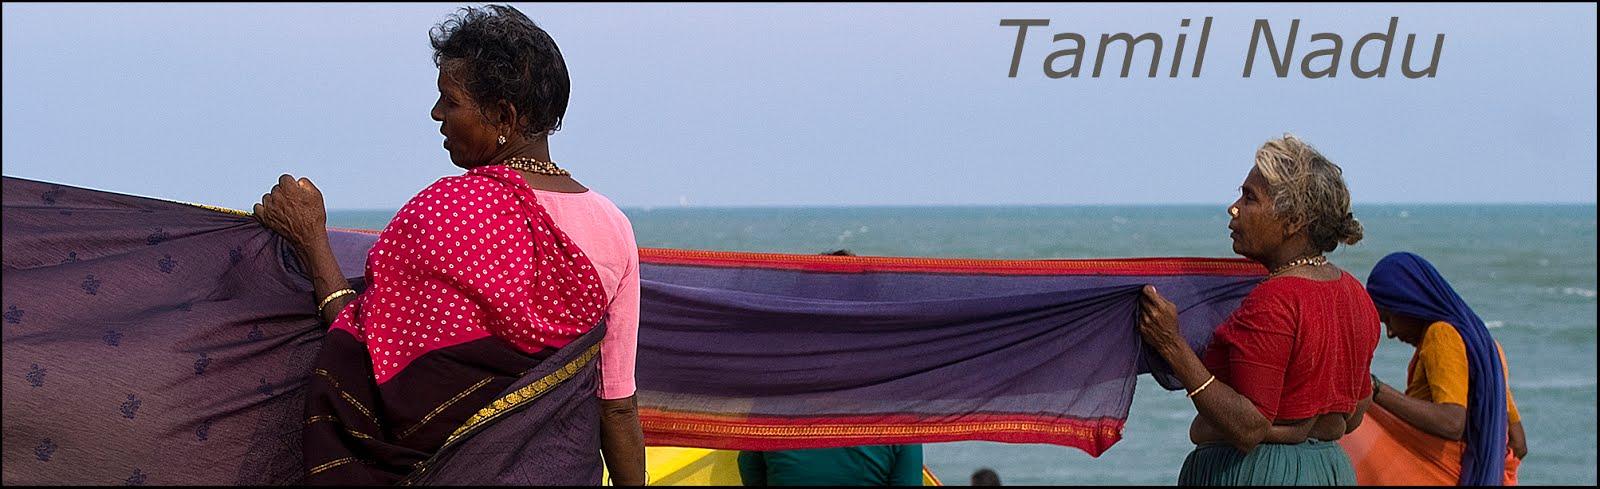 Tamil Nadu. தமிழ் நாடு